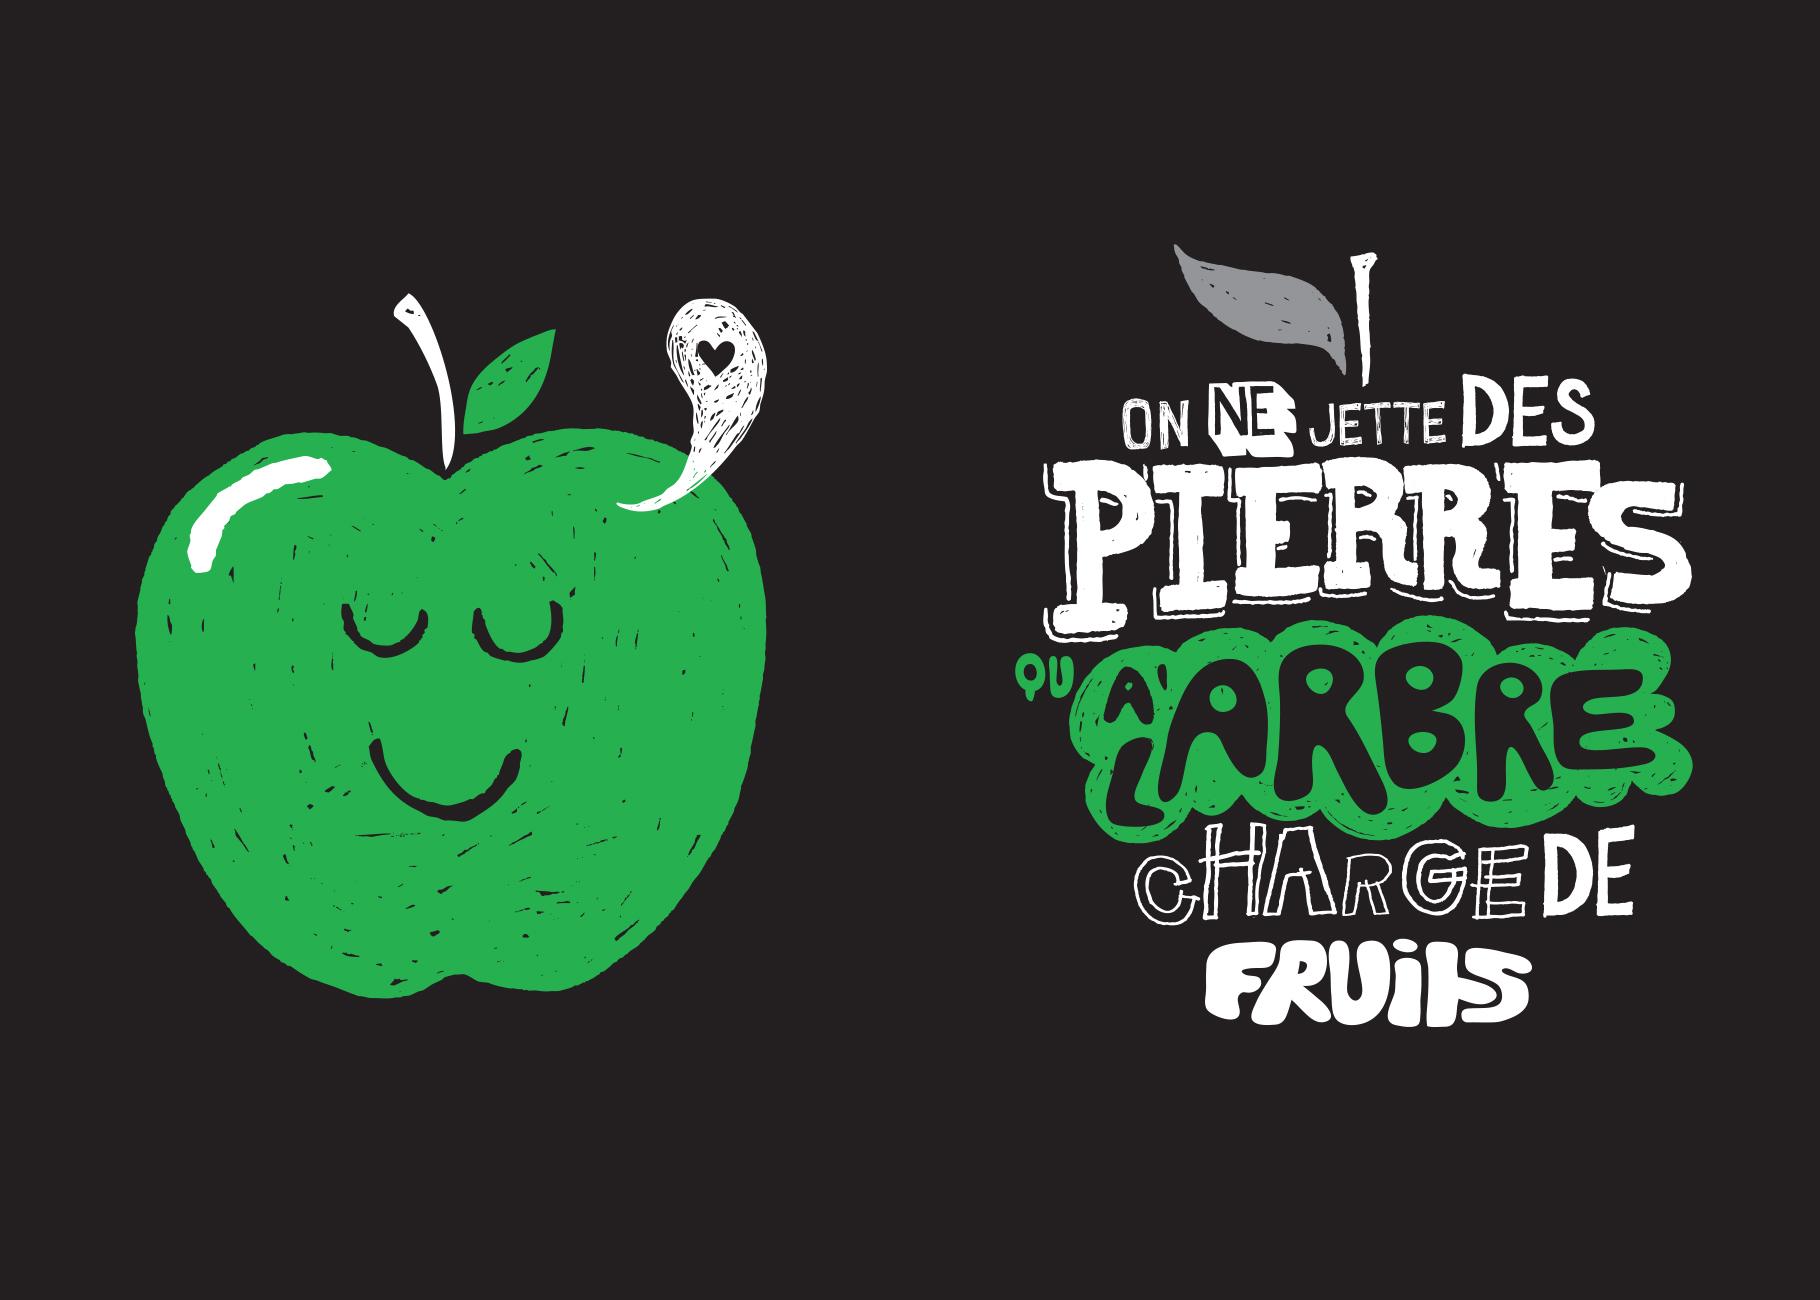 On ne jette des pierres qu'à l'arbre chargé de fruits